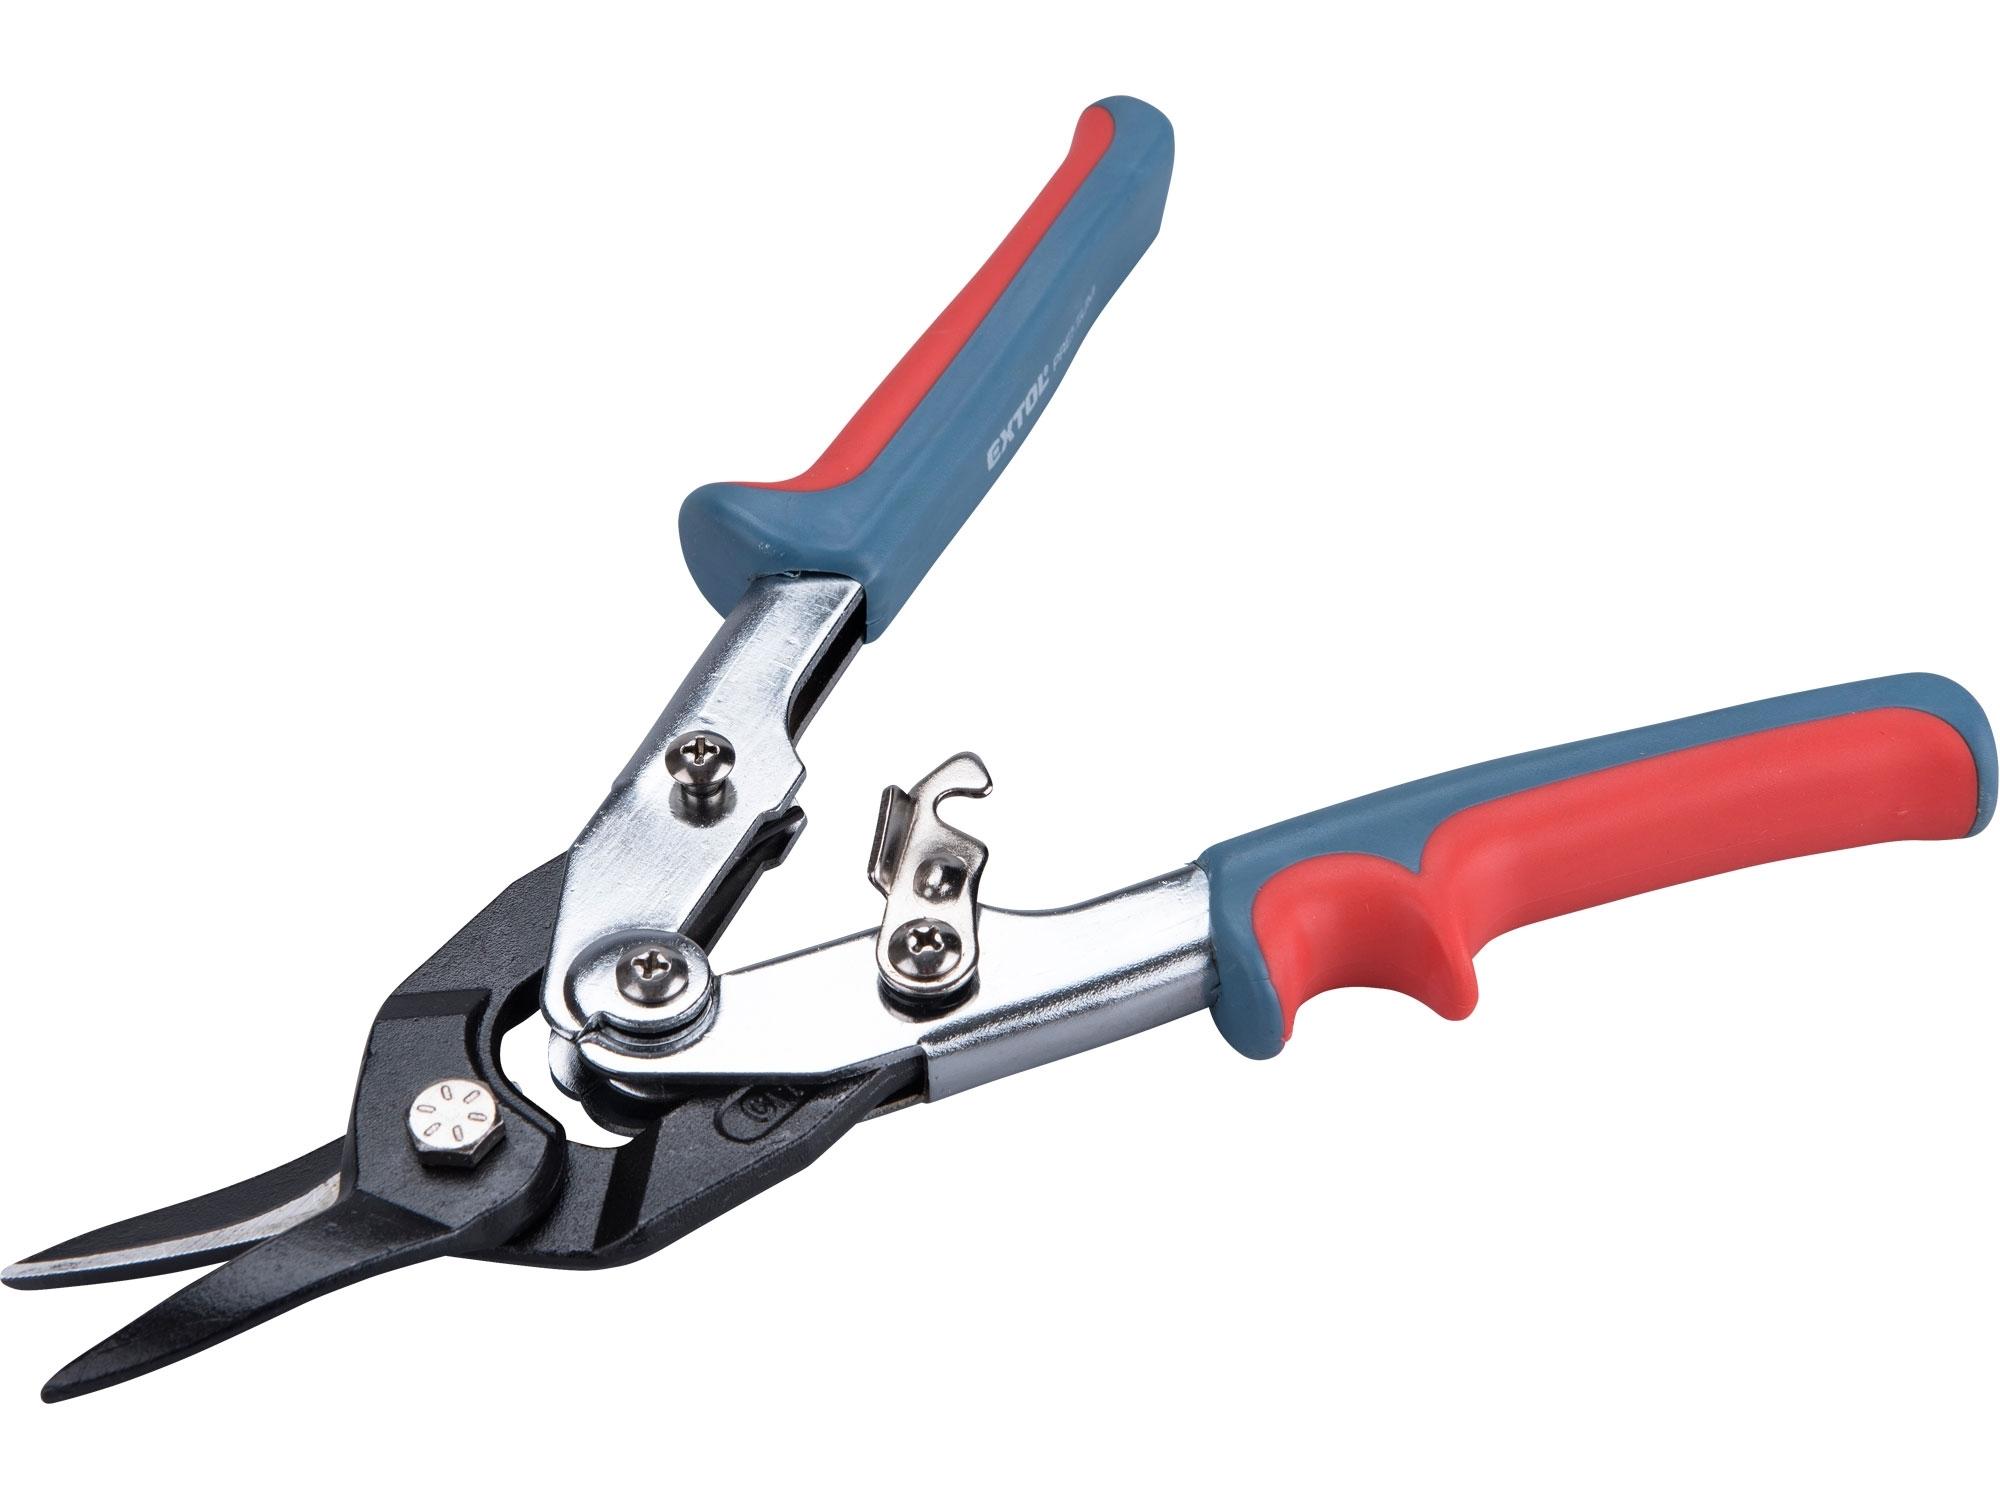 nůžky na plech převodové, 255mm, rovně a doleva, CrV, EXTOL PREMIUM 48000